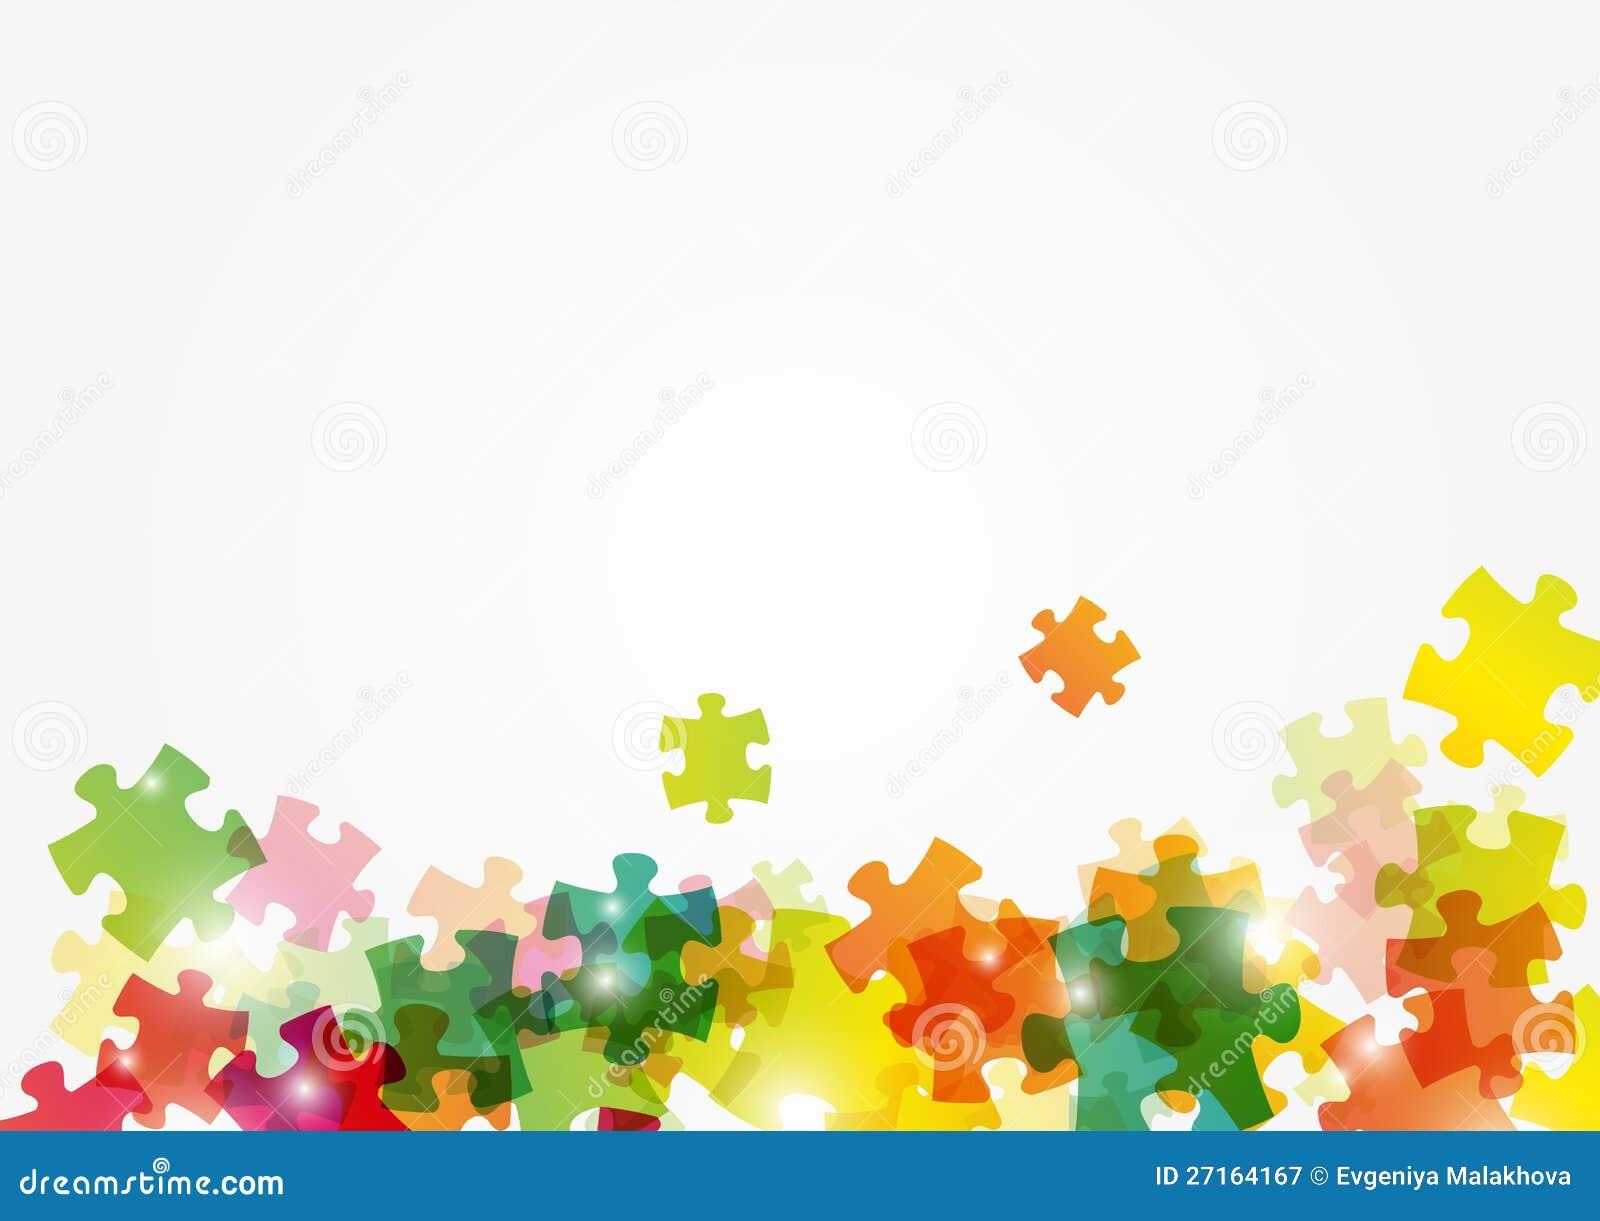 难题与安排的颜色背景文本的. 难题颜色背景 免版税图库摄影